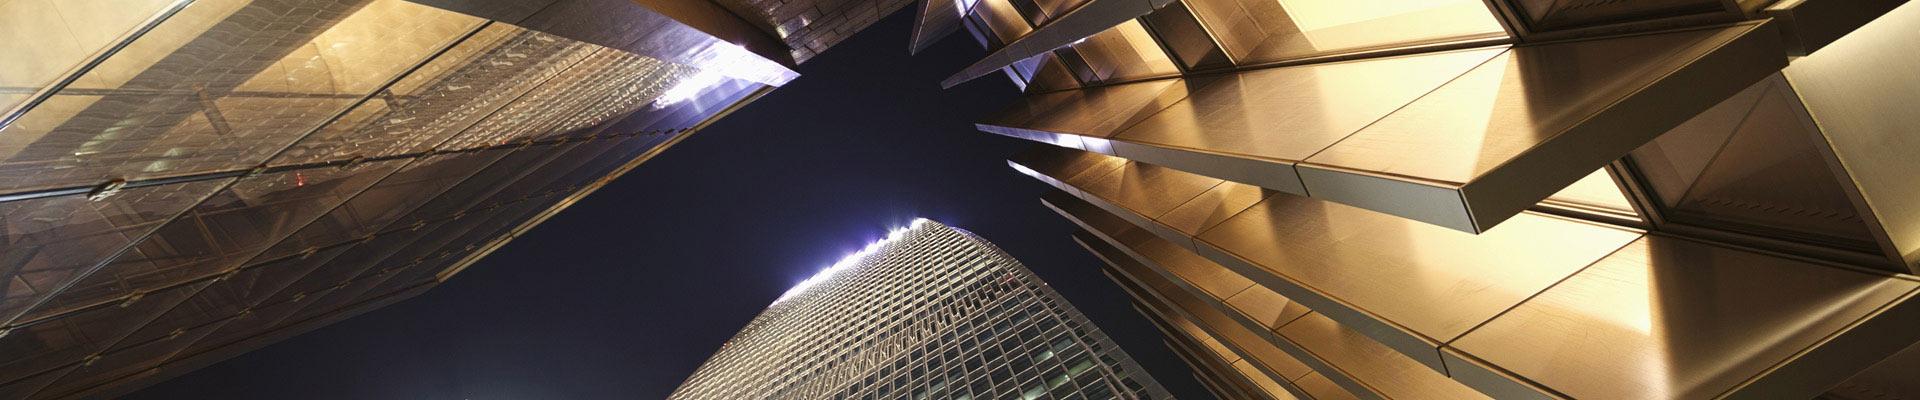 香港专线电话/传真服务 - ag亚游官网只为非凡会计师事务所